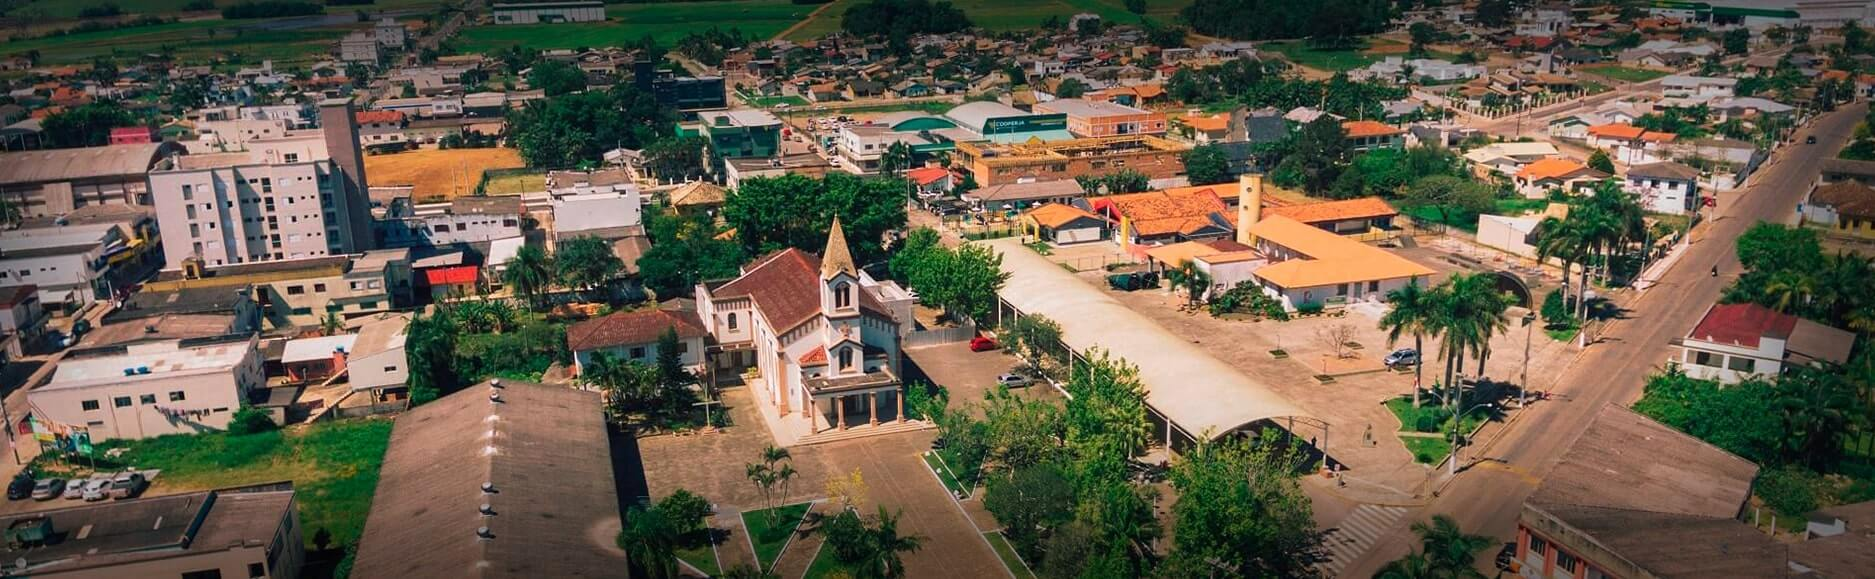 Prefeitura e Fundos Municipais de Jacinto Machado adotam tecnologia IPM